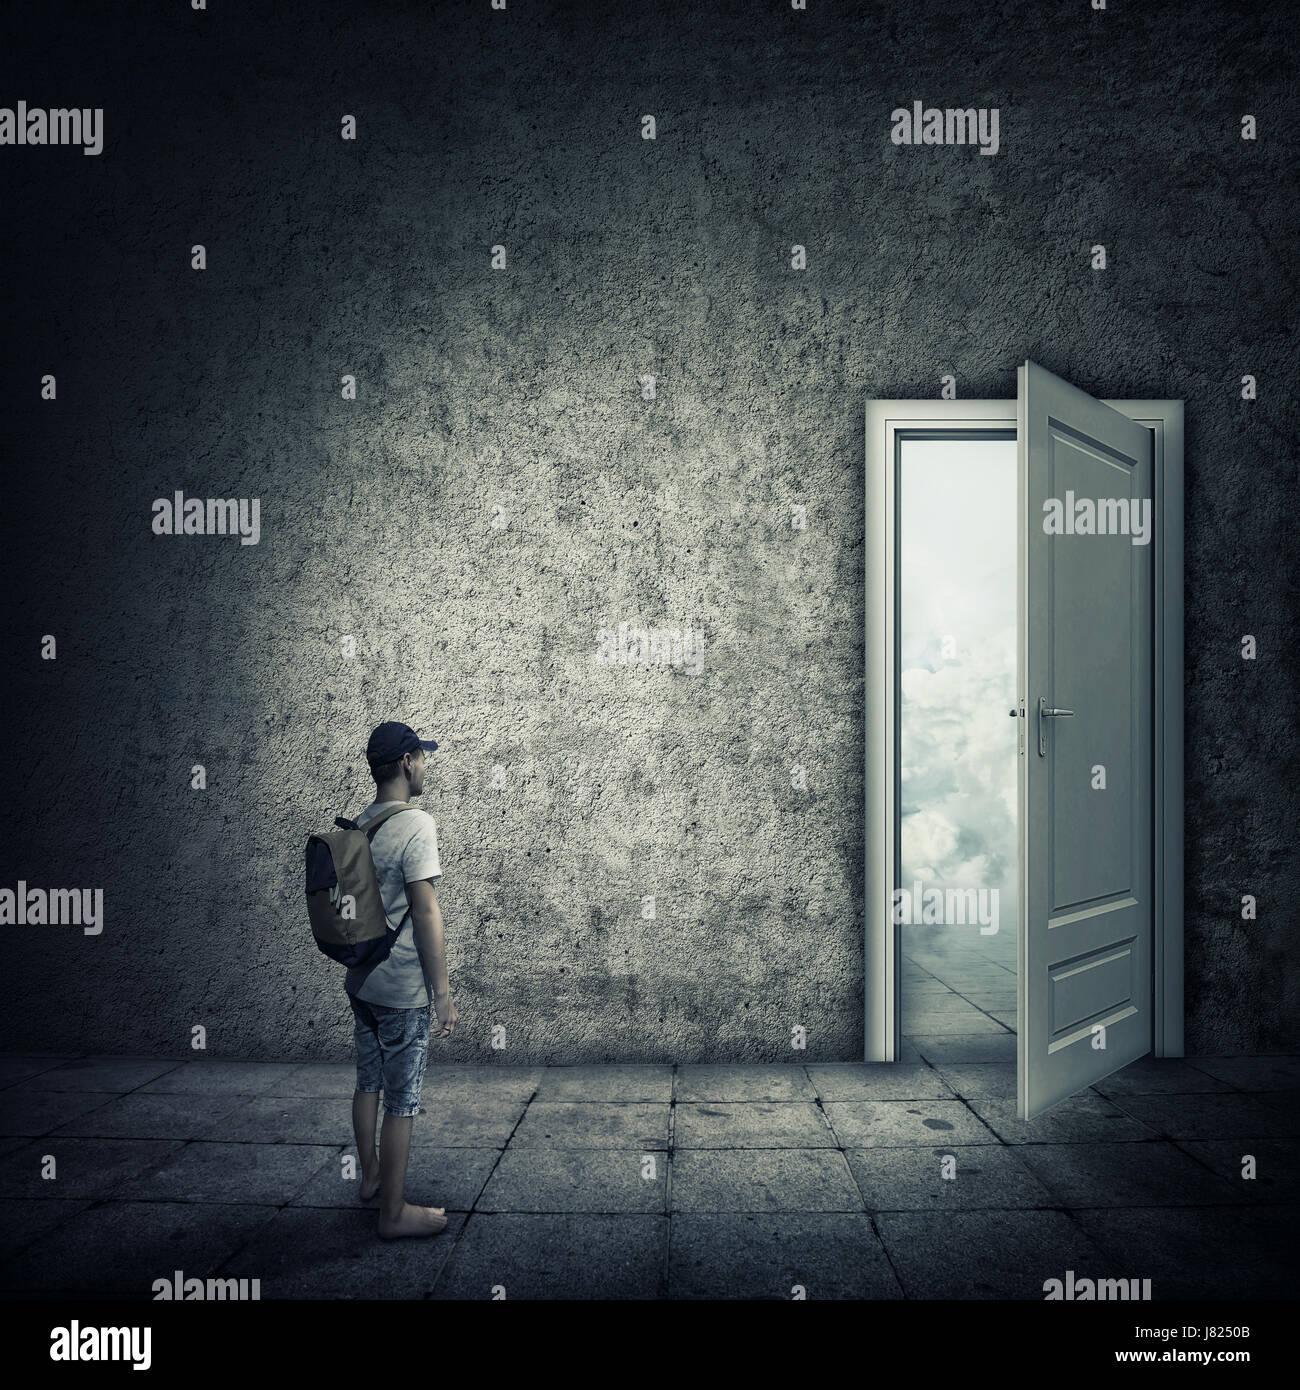 Idée abstraite avec une personne debout dans une pièce sombre, devant une porte ouverte. Échapper Photo Stock